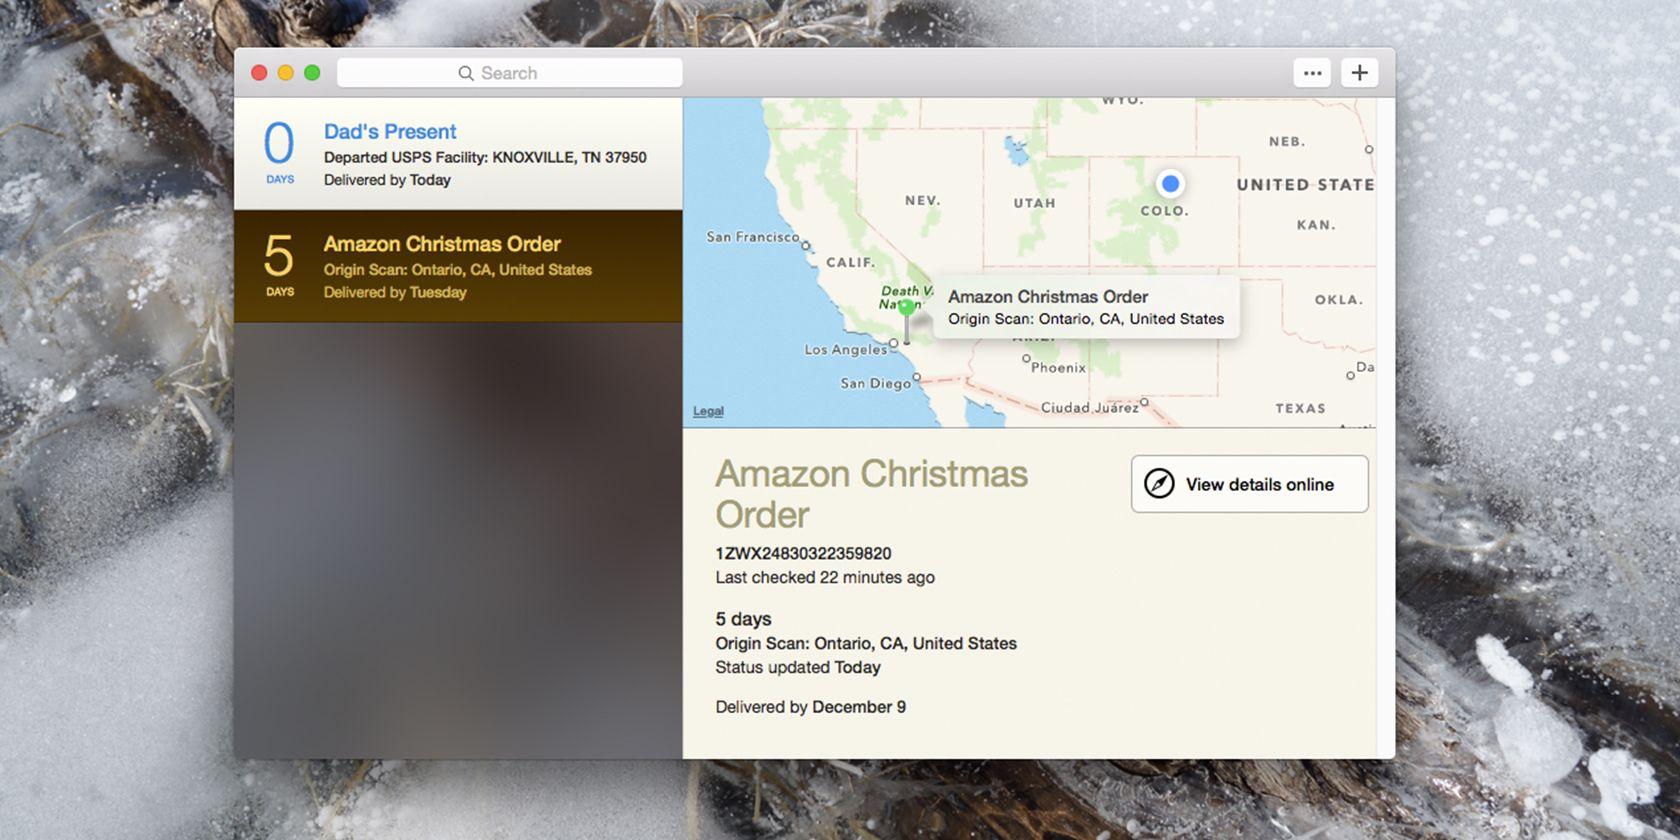 Las entregas seguimiento de paquetes entrantes, agrega fechas en su calendario